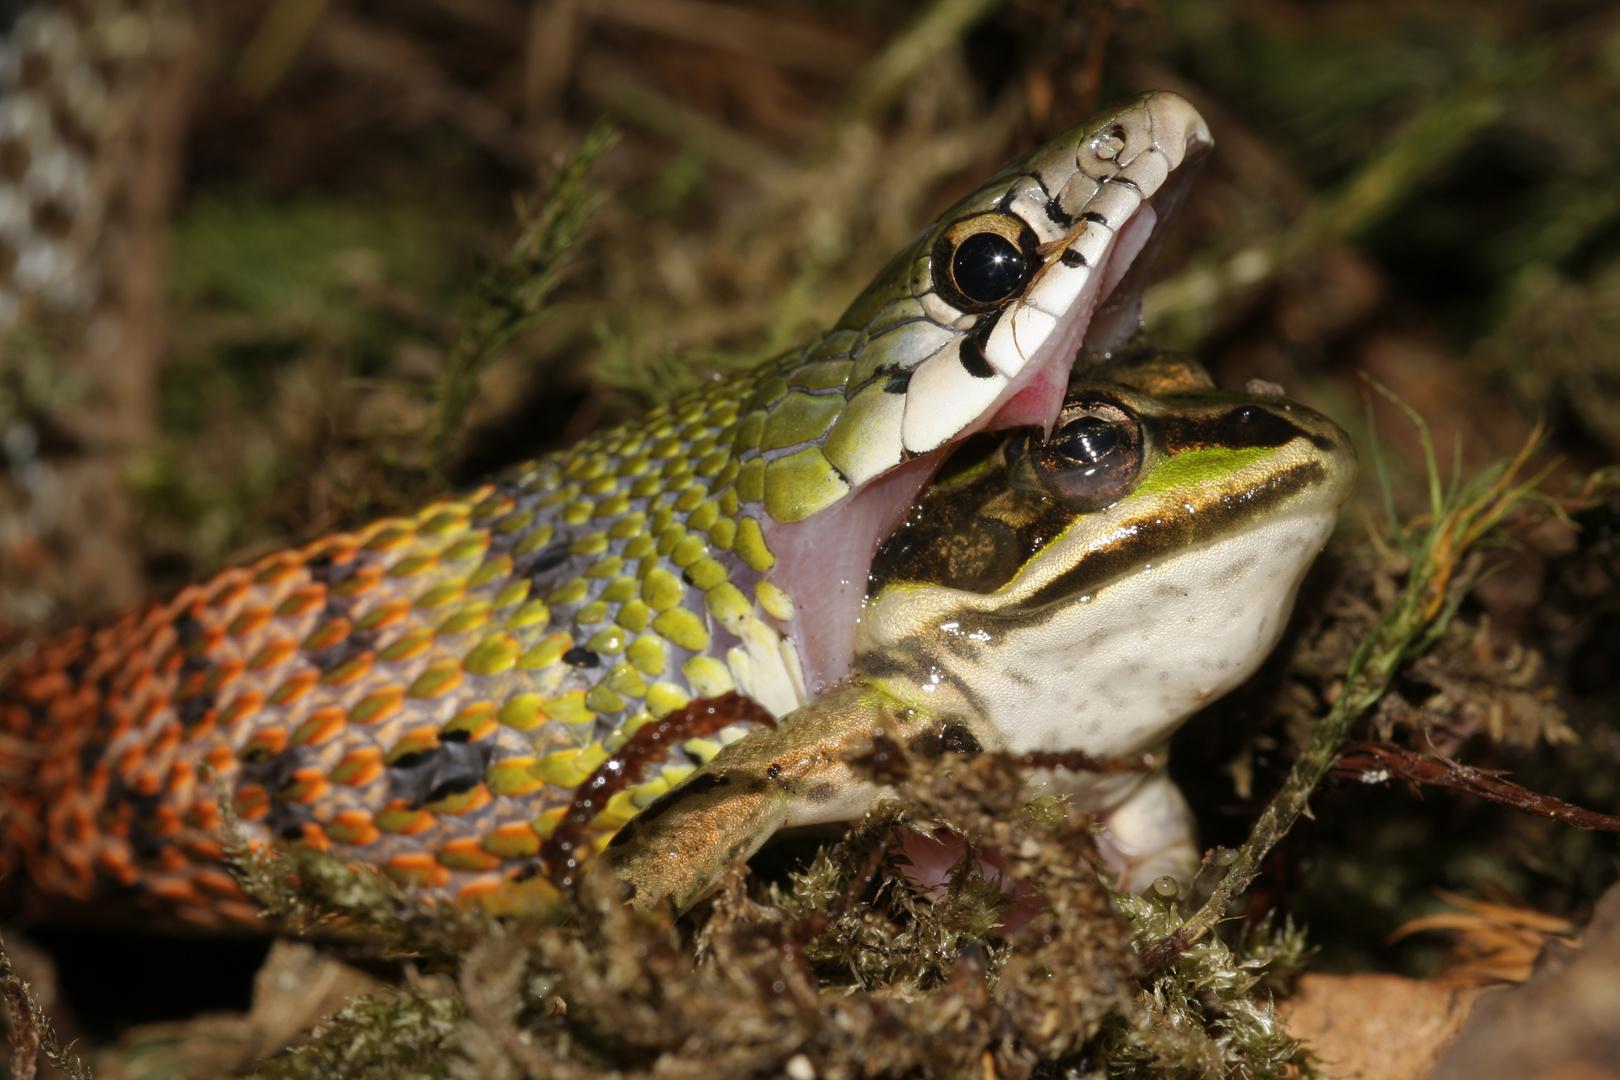 Rabdophis subminiatus